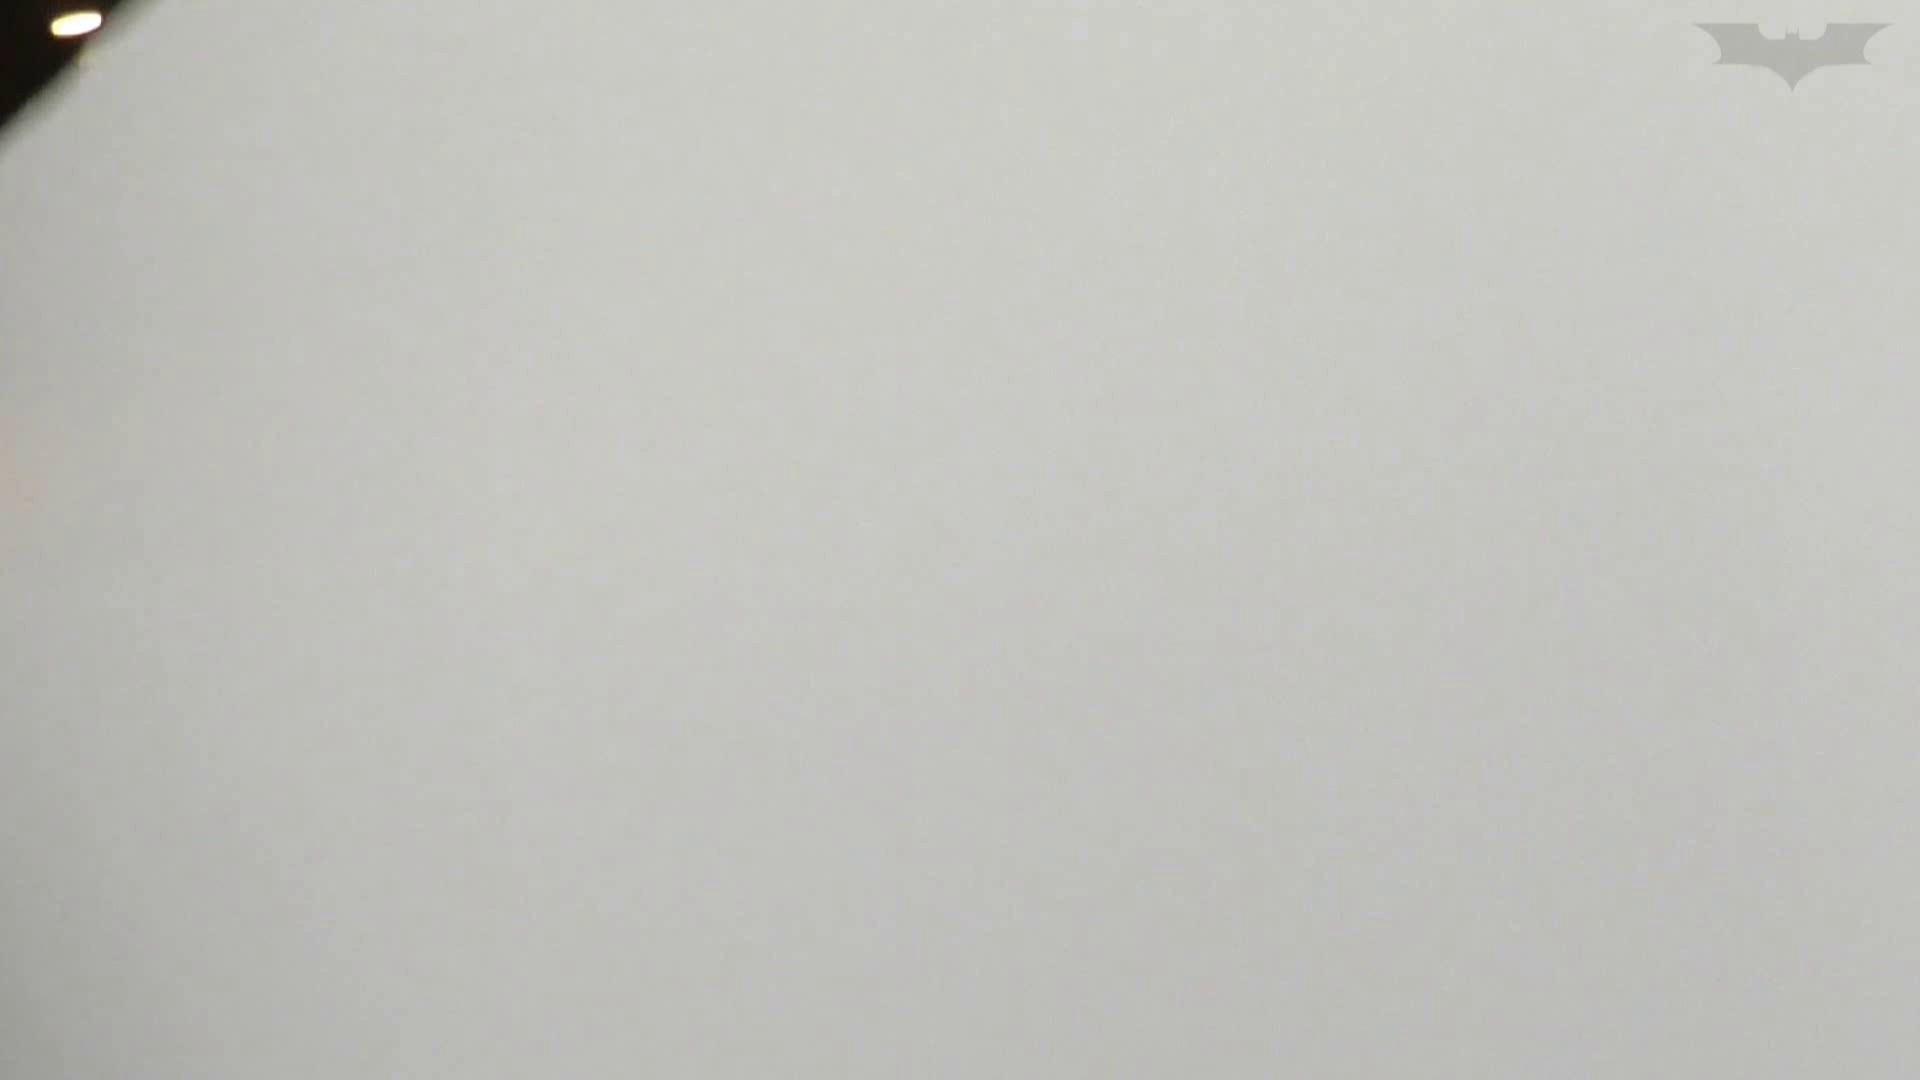 悪戯ネットカフェ Vol.04 タンポンチェンジ!!見っちゃいました。 盗撮編 濡れ場動画紹介 112枚 36